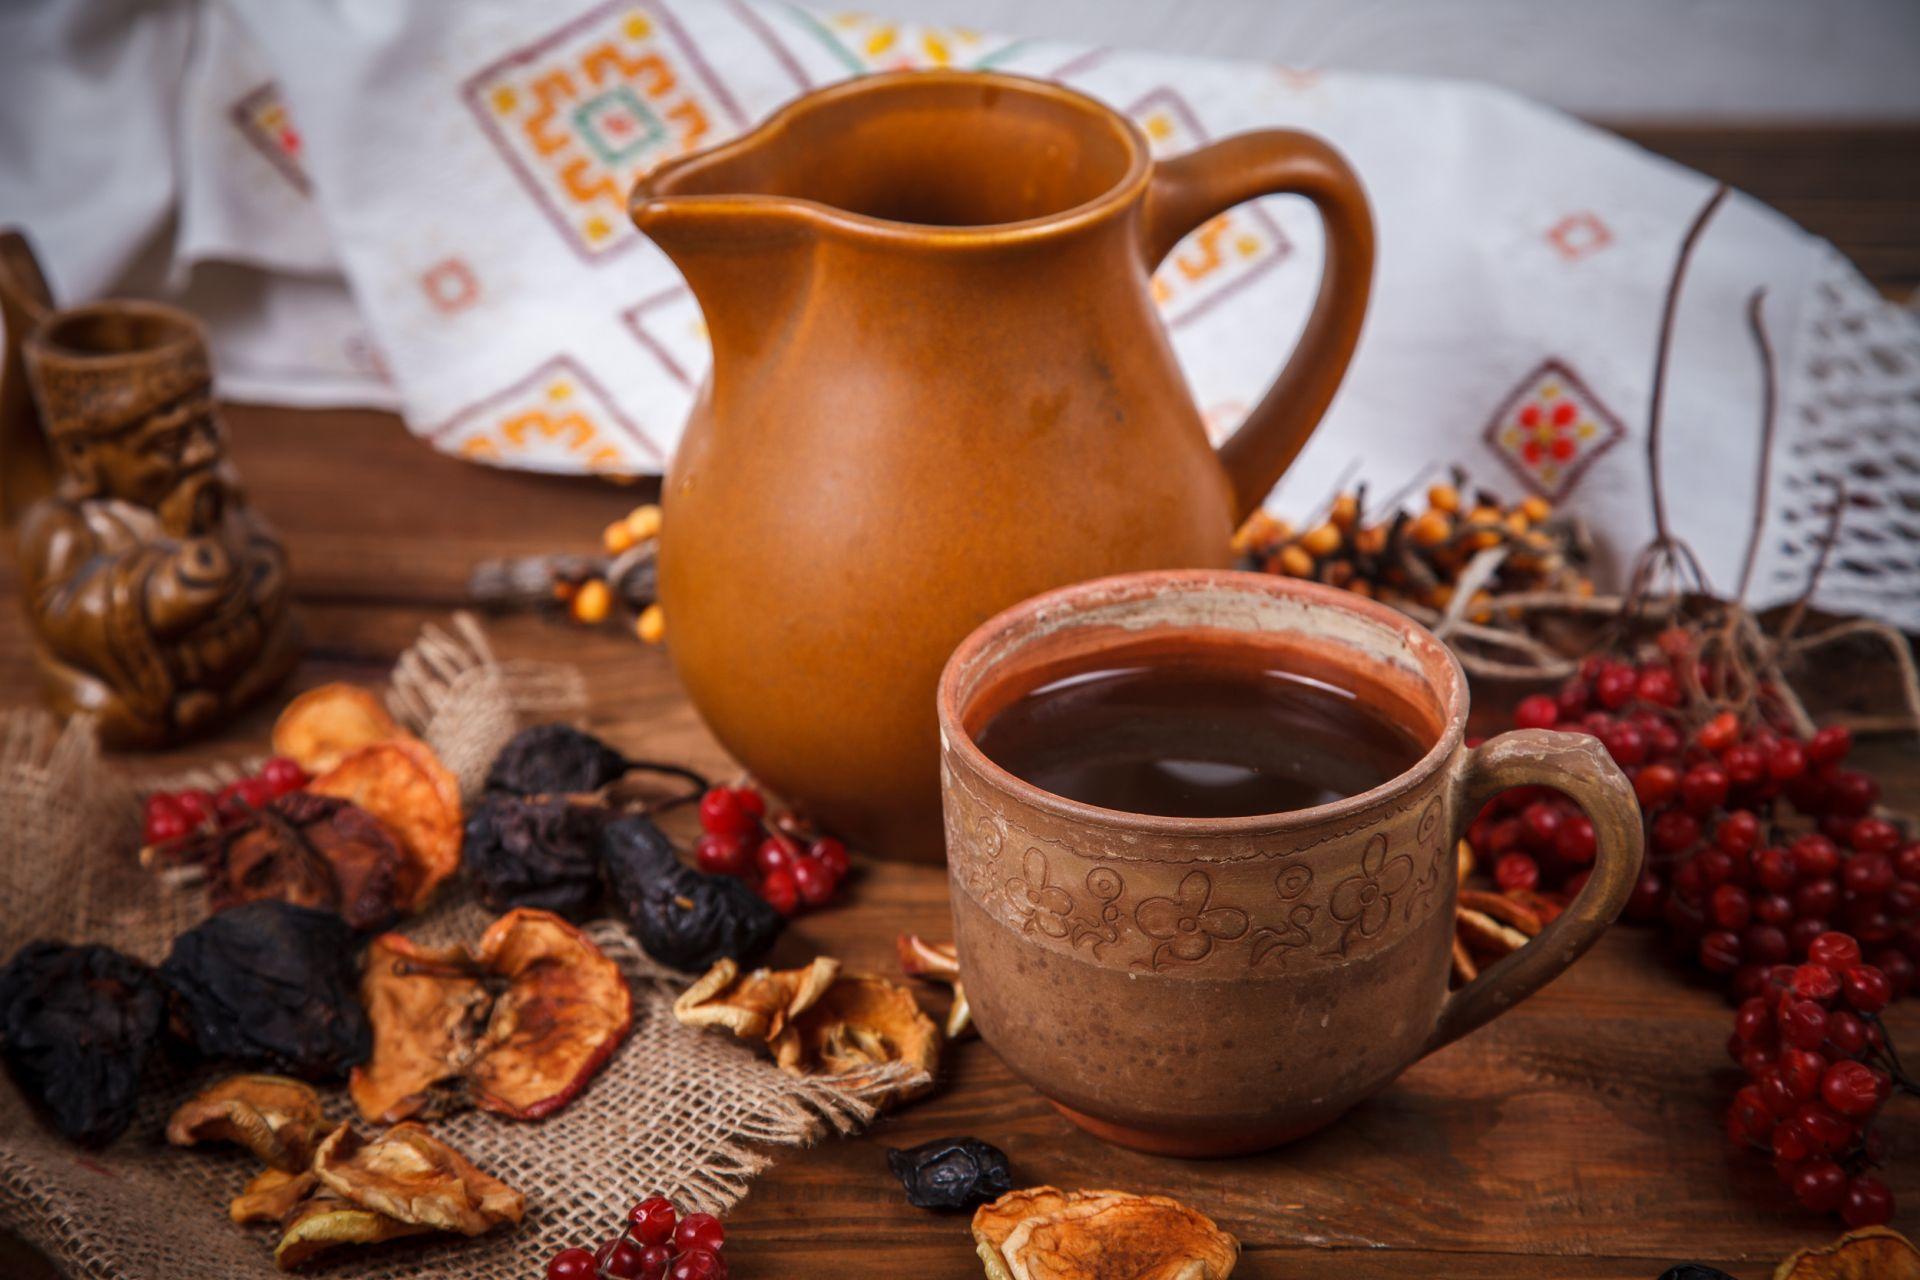 Узвар: лечебные свойства и калорийность | food and health